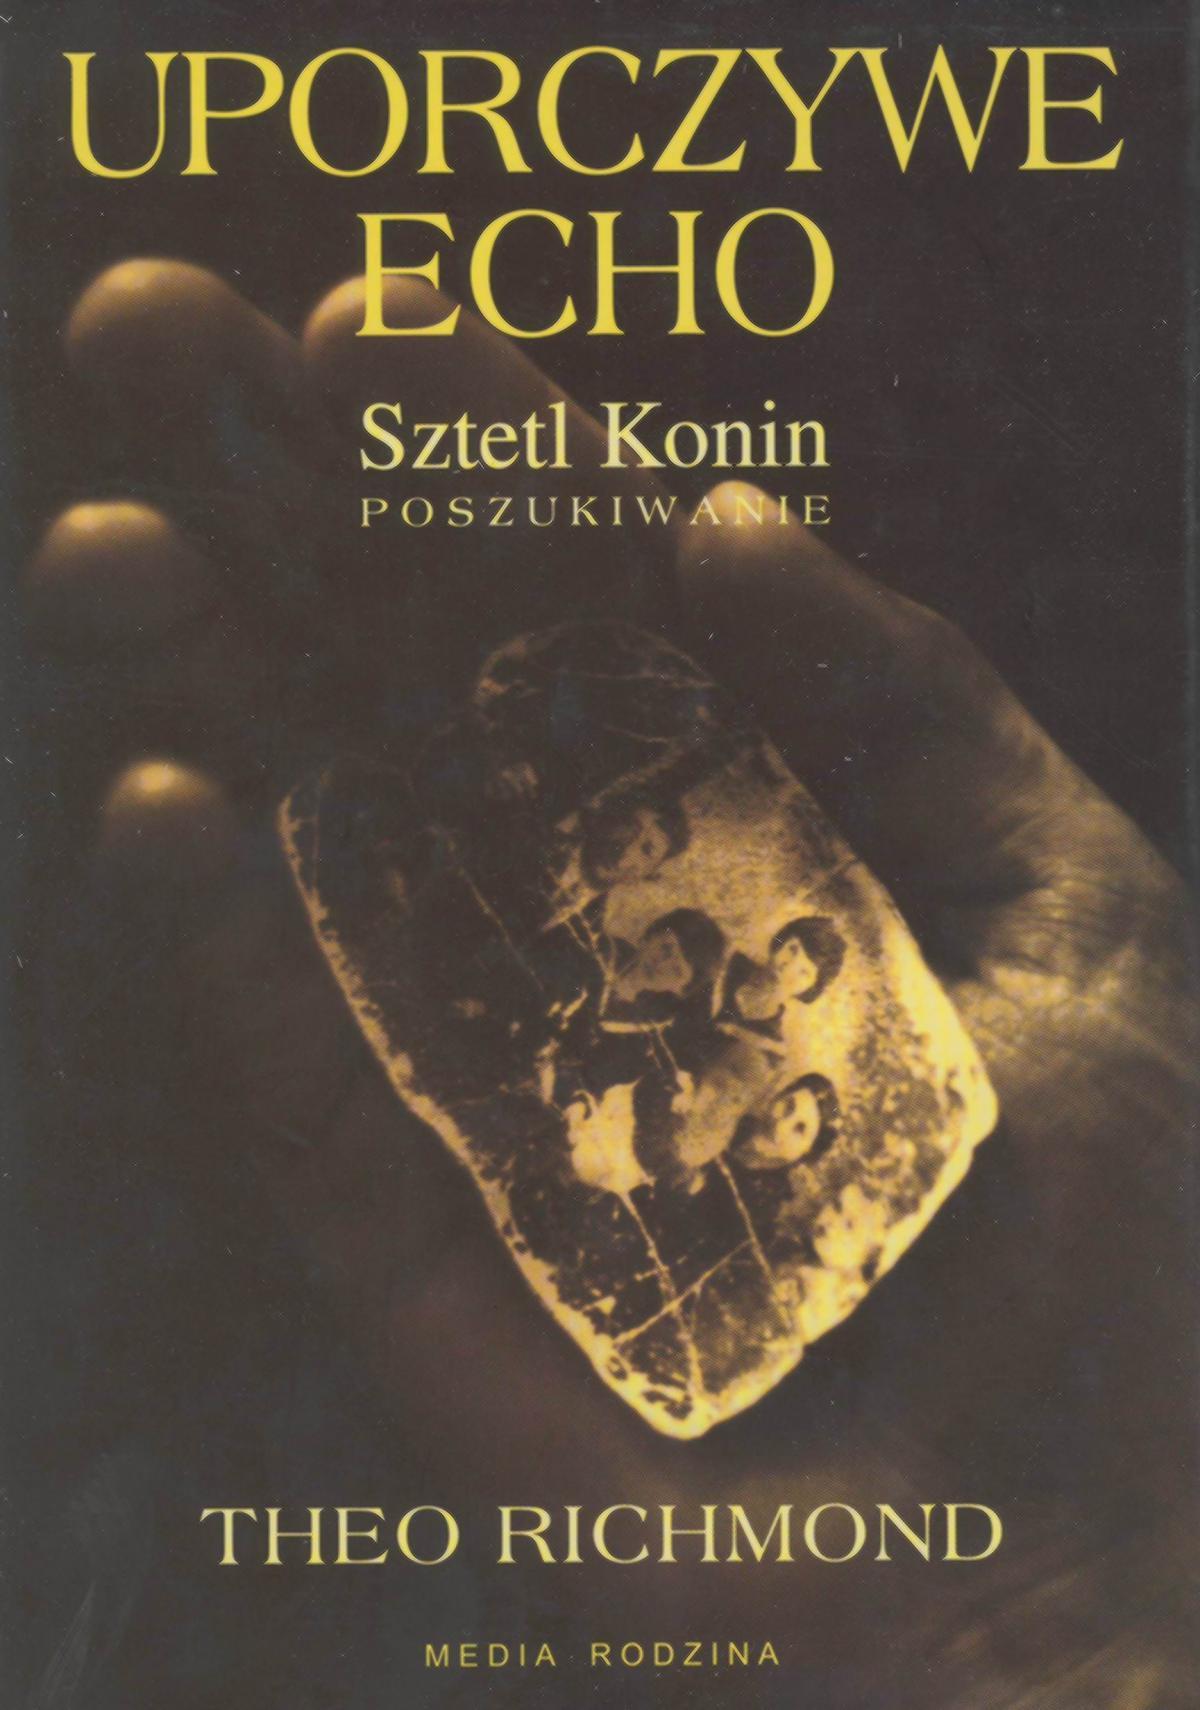 Uporczywe echo - Ebook (Książka EPUB) do pobrania w formacie EPUB